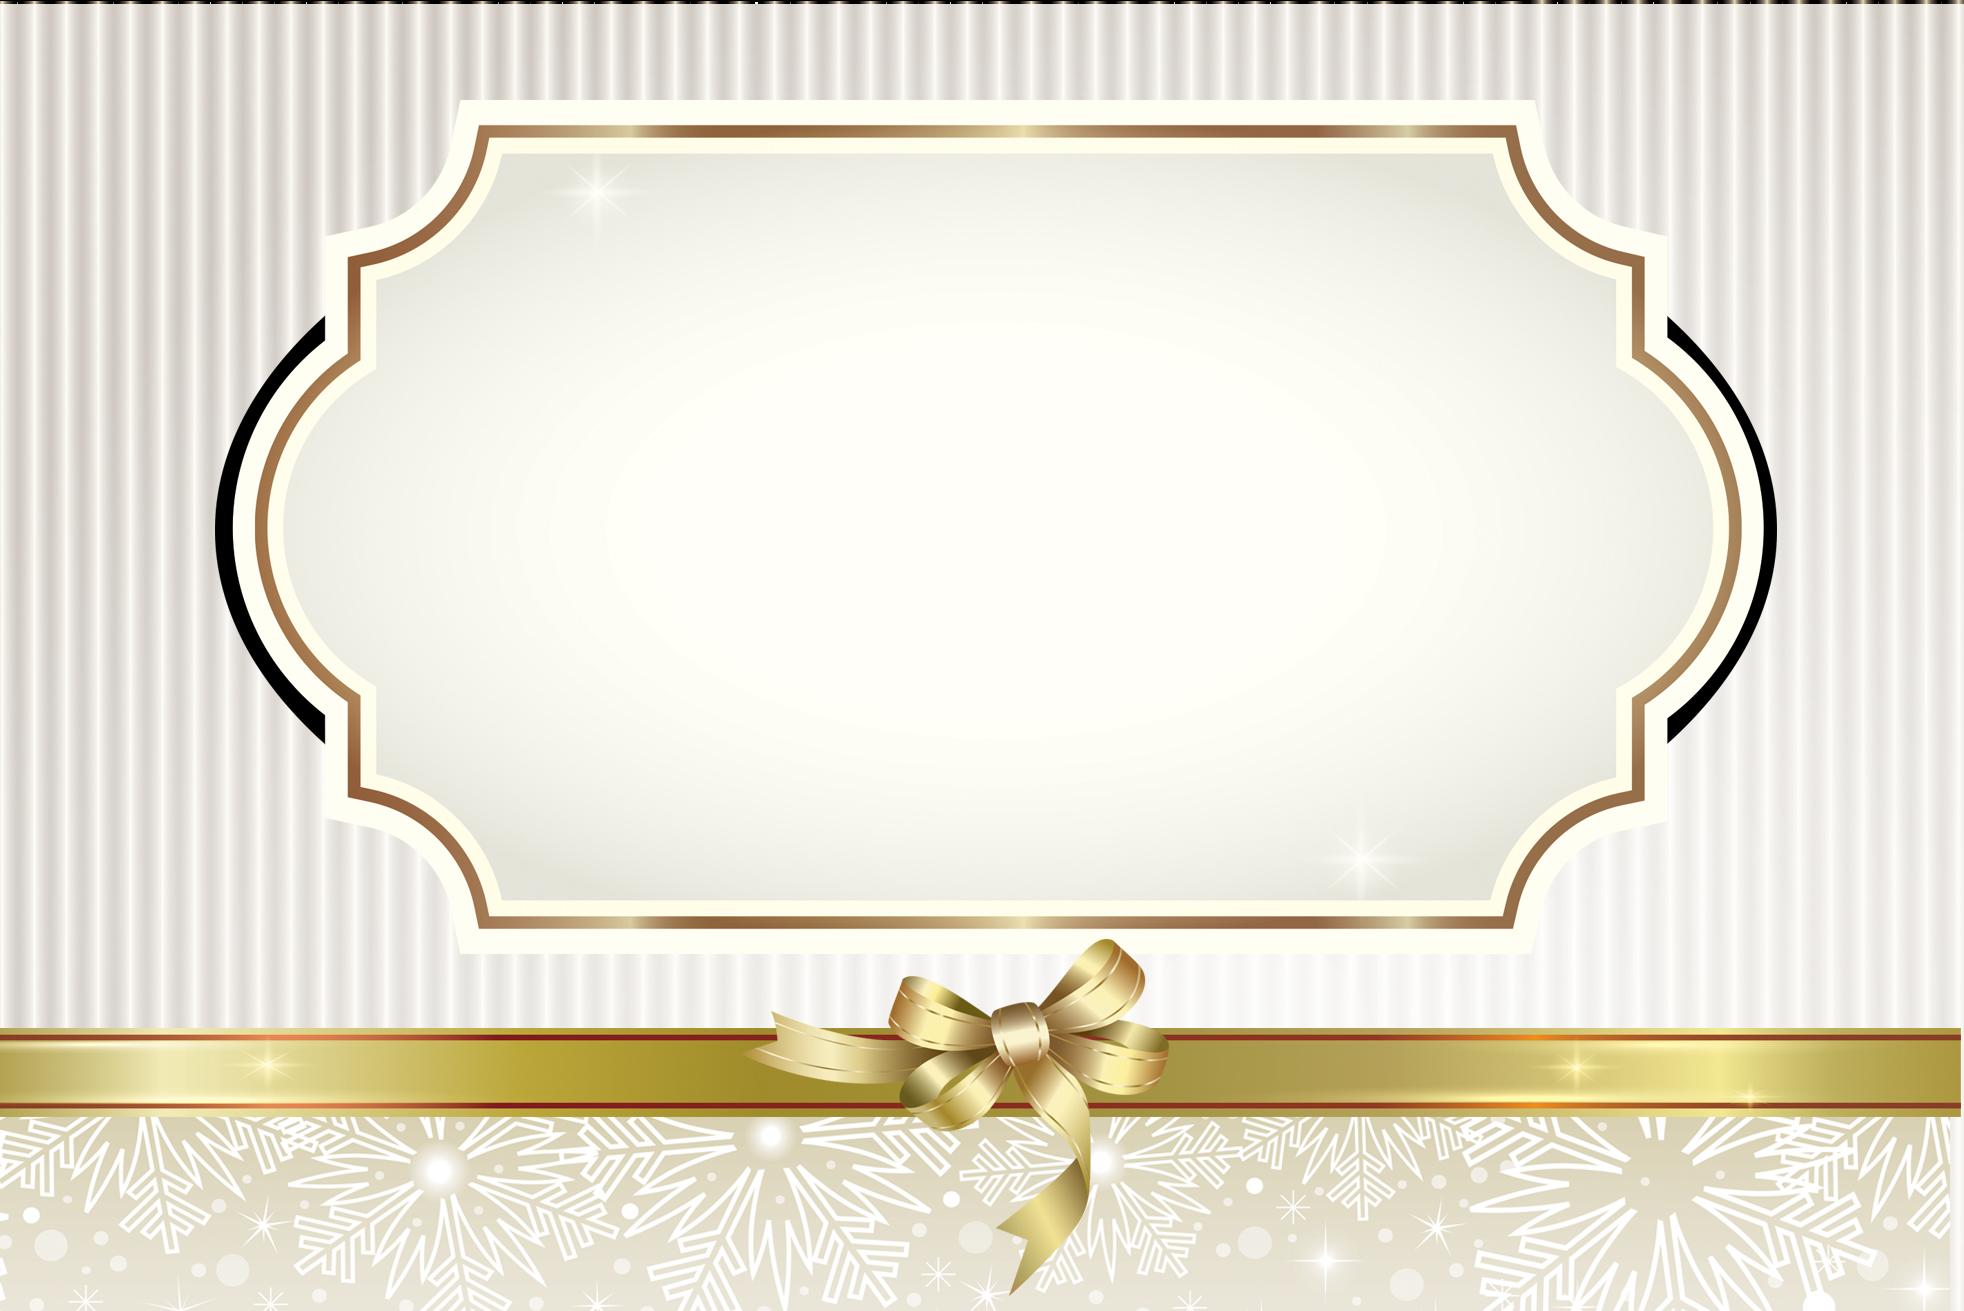 Moldura Convite e Cartão Dourado Cinza e Branco: